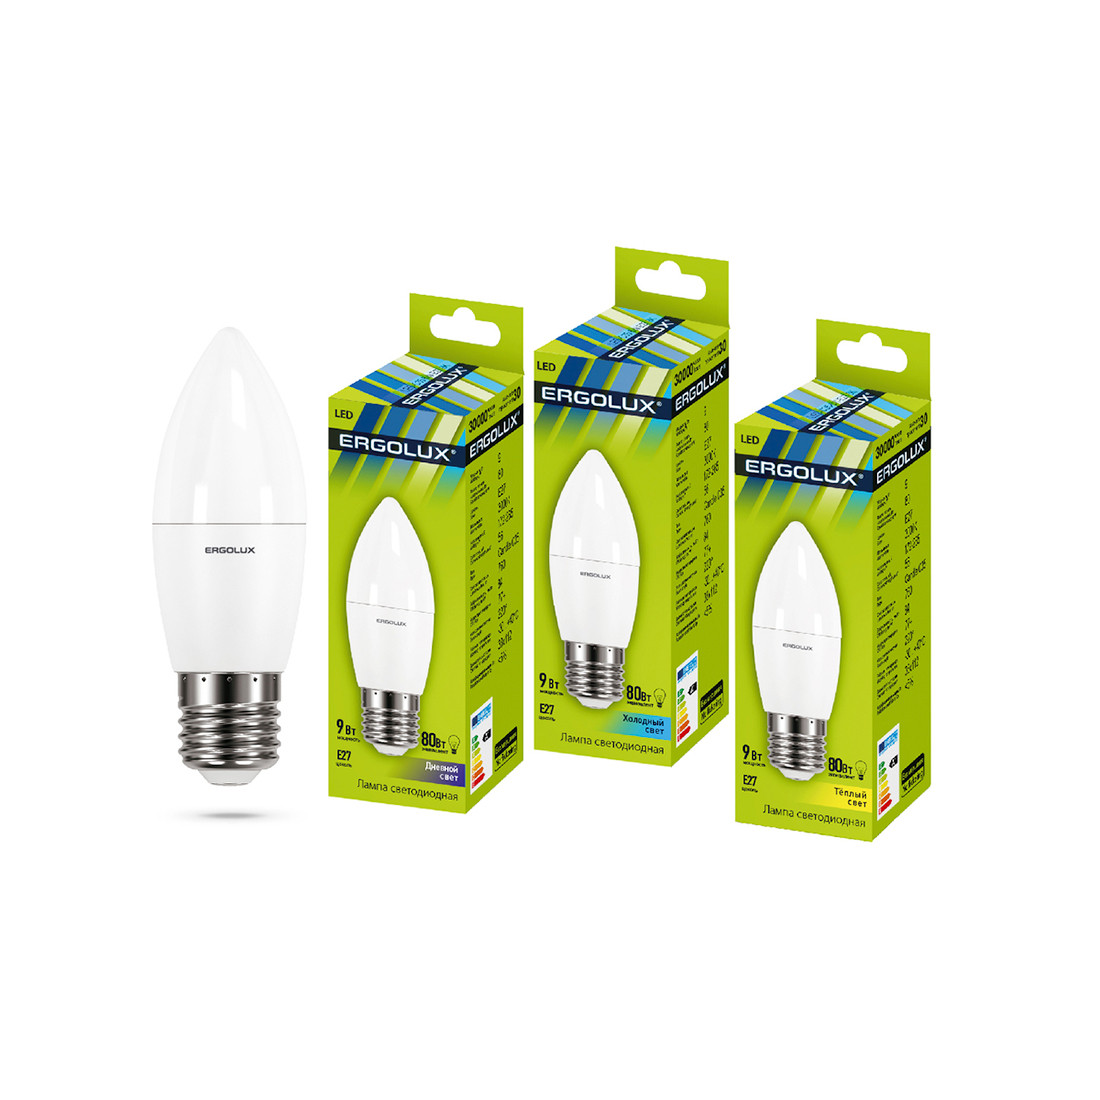 Эл. лампа светодиодная Ergolux C35/4500K/E27/9Вт, Холодный